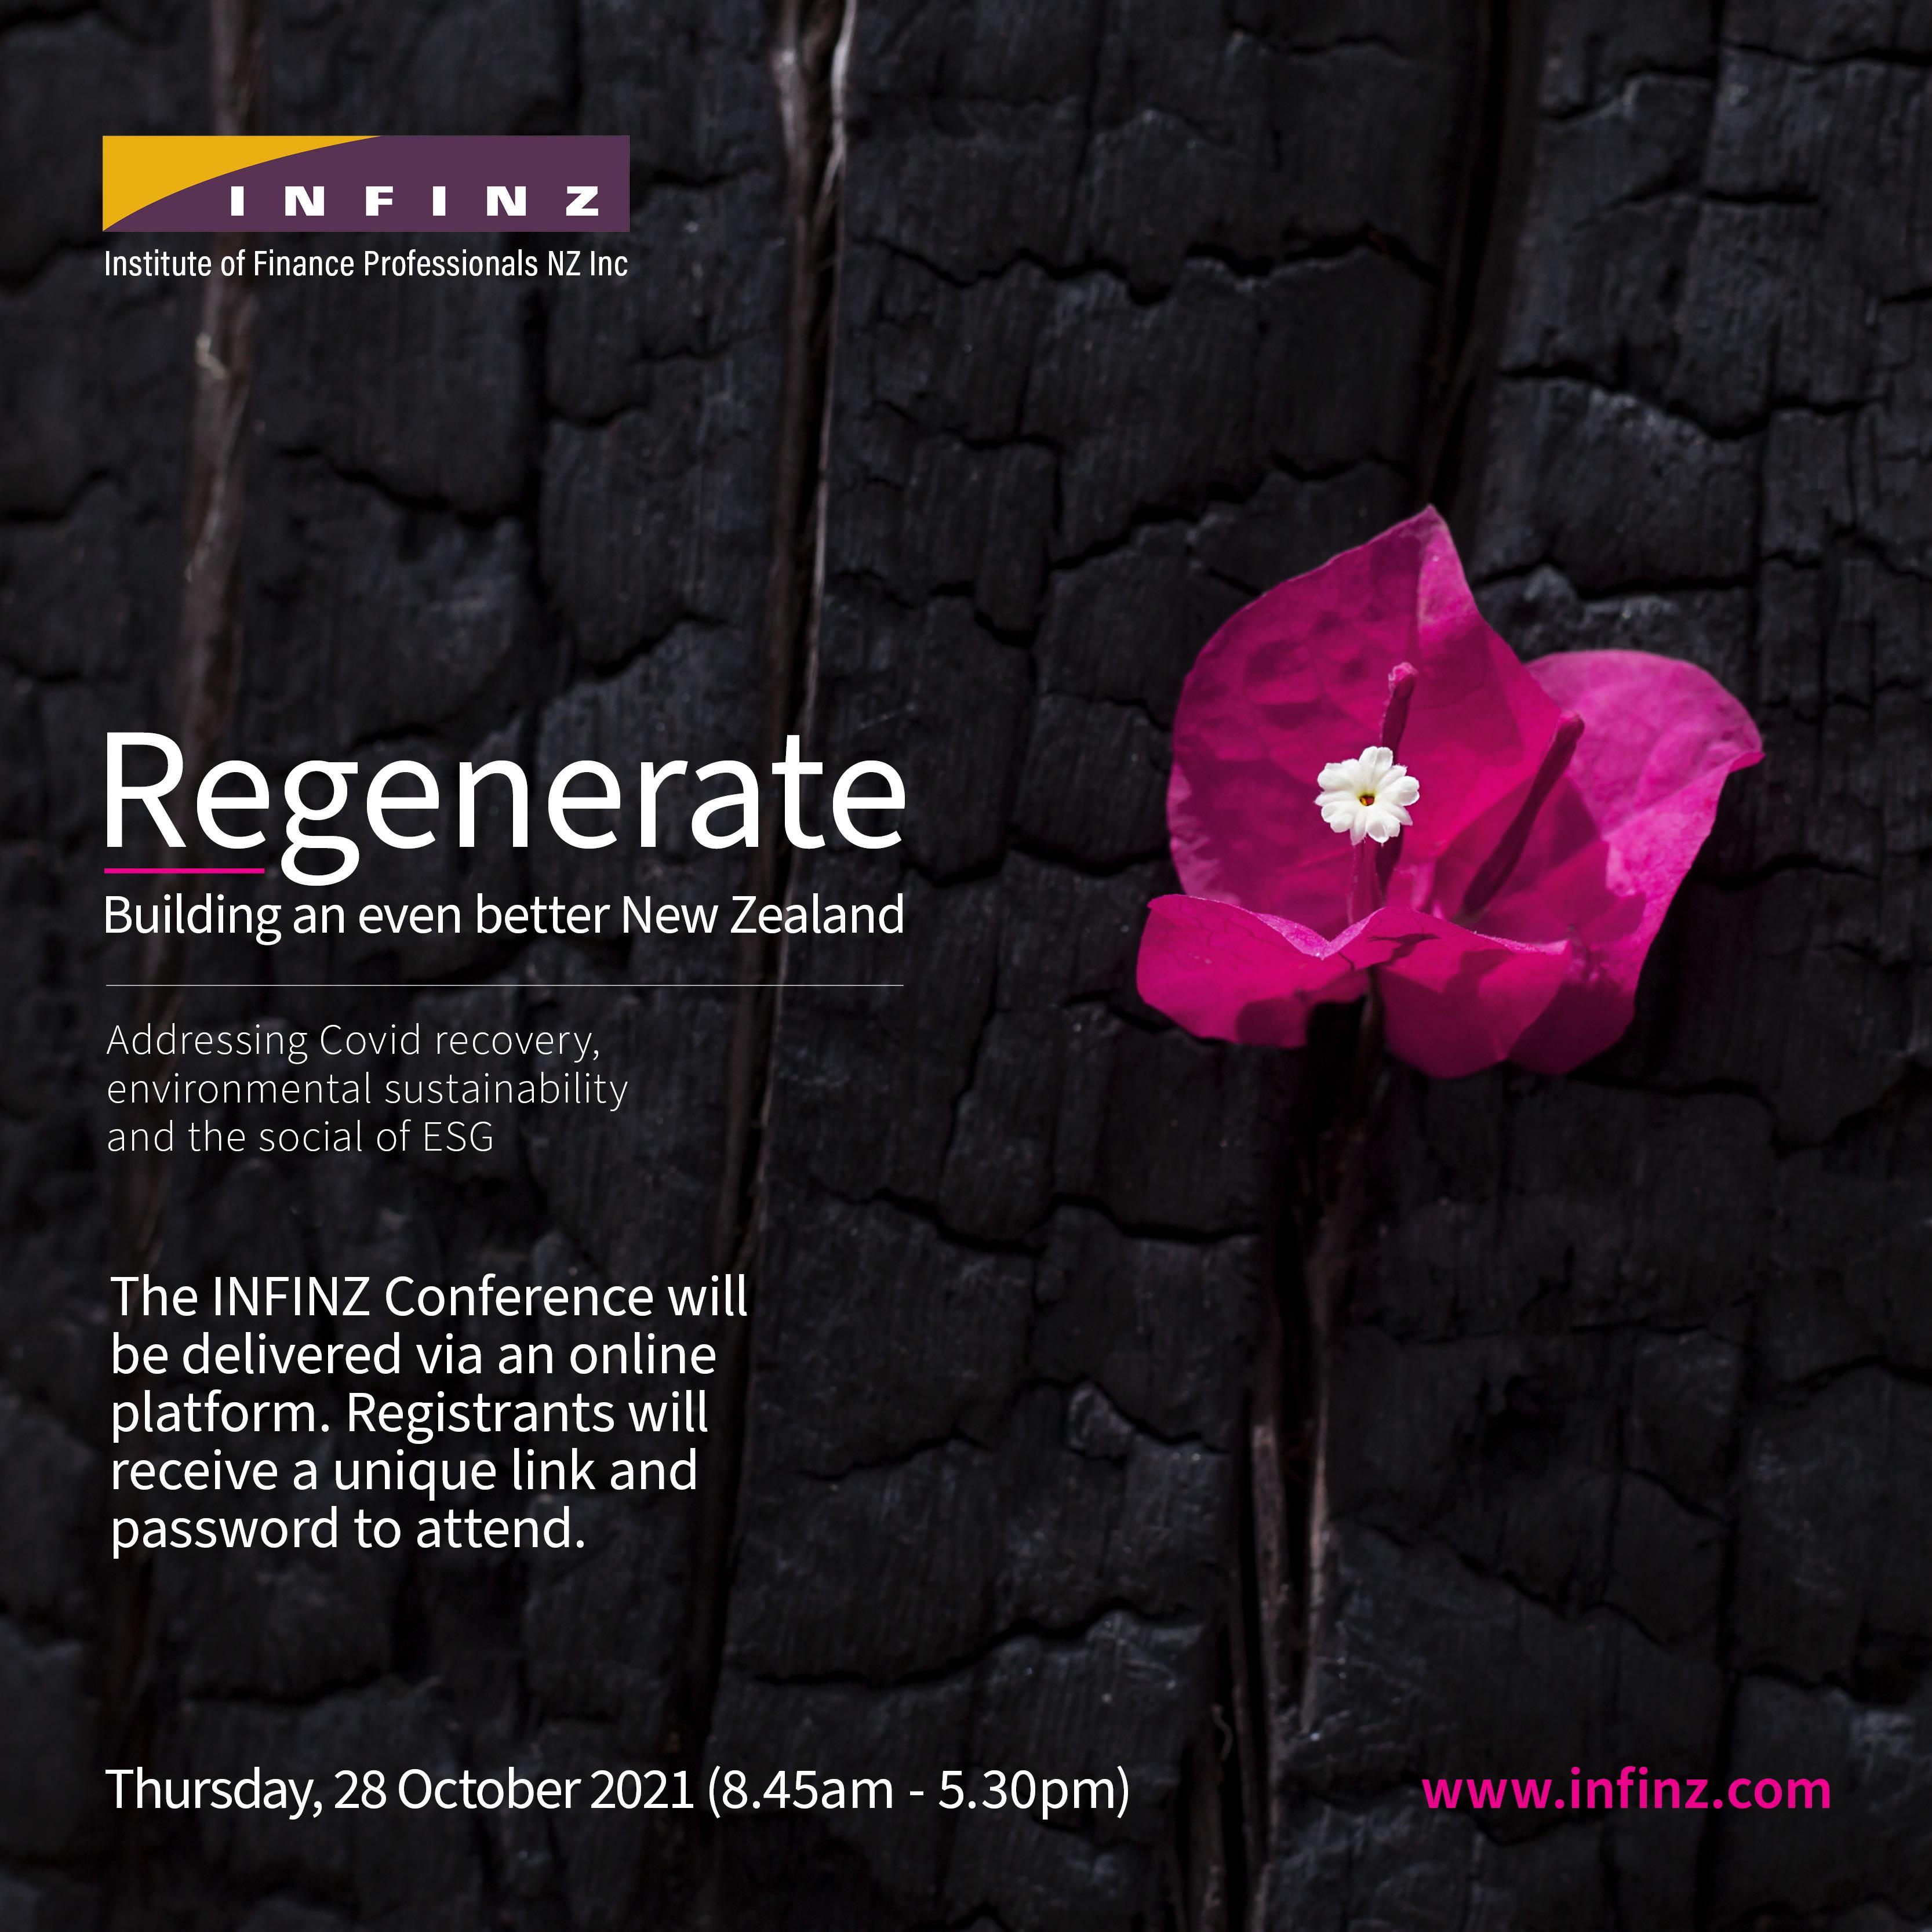 INFINZ Conference 2021 - Regenerate: Building an even better New Zealand